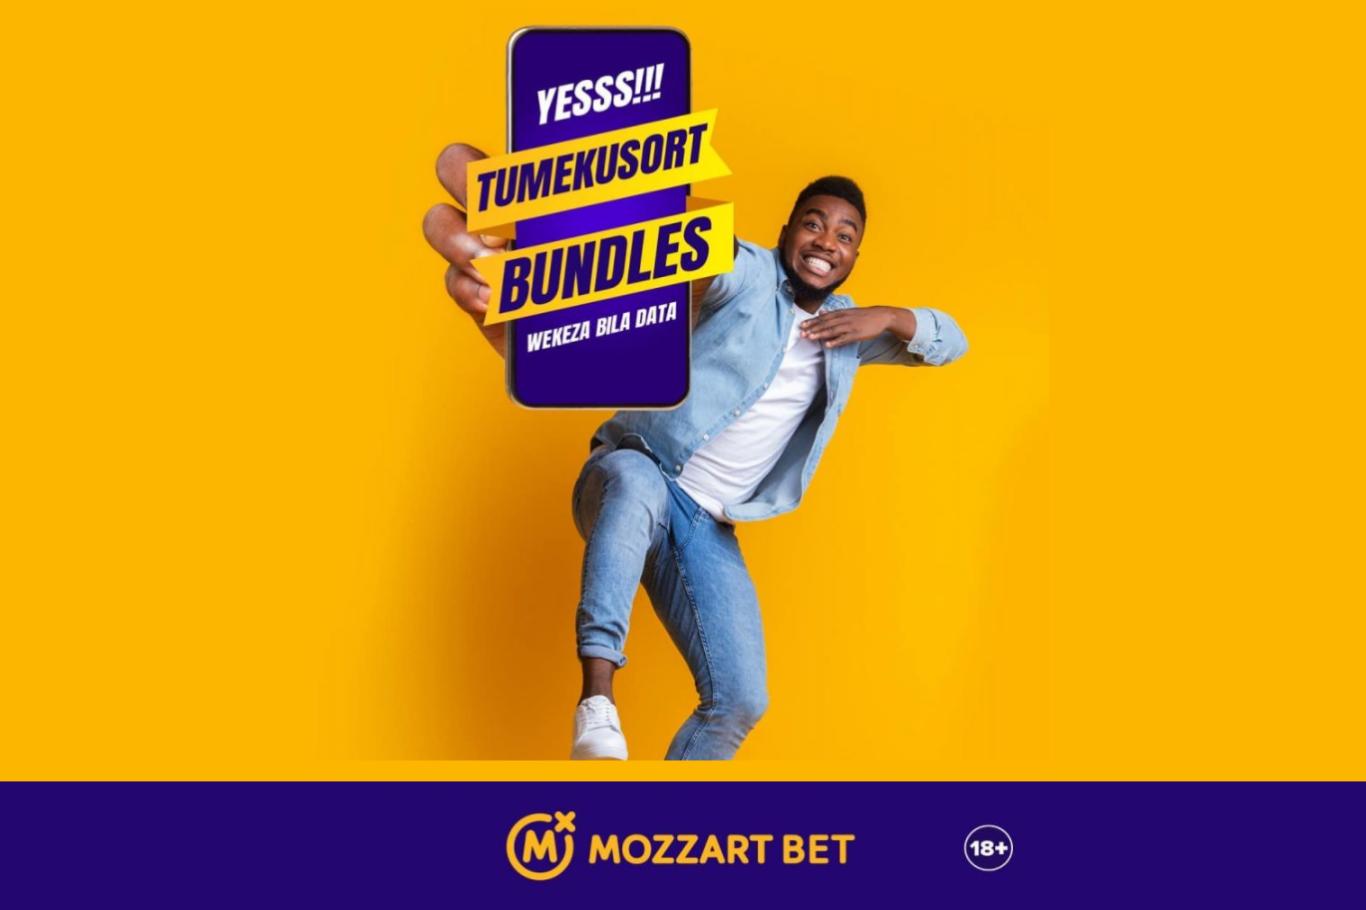 MozzartBet for iOS devices